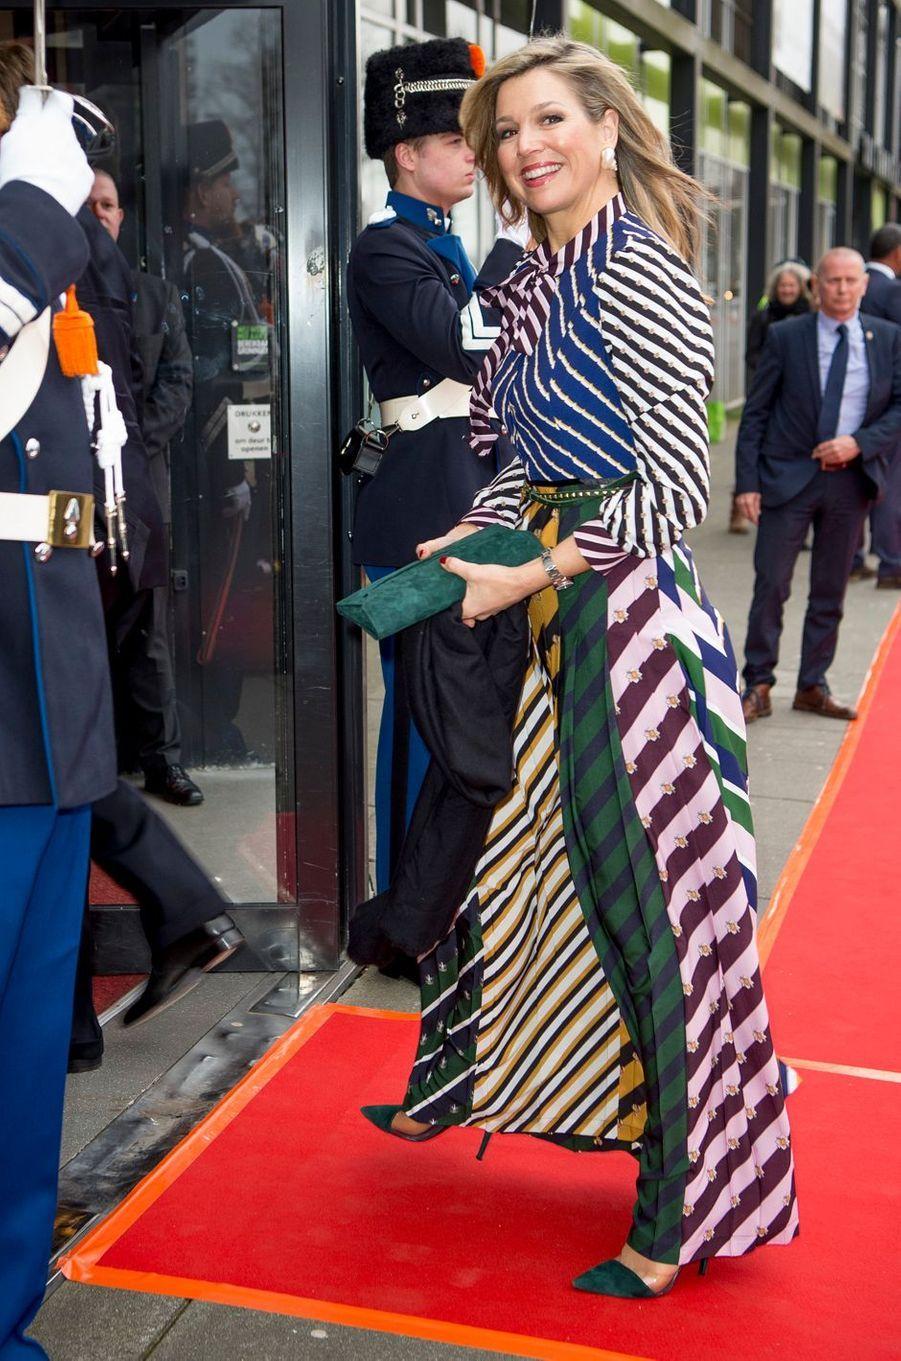 La reine Maxima des Pays-Bas à Groningen, le 10 avril 2018